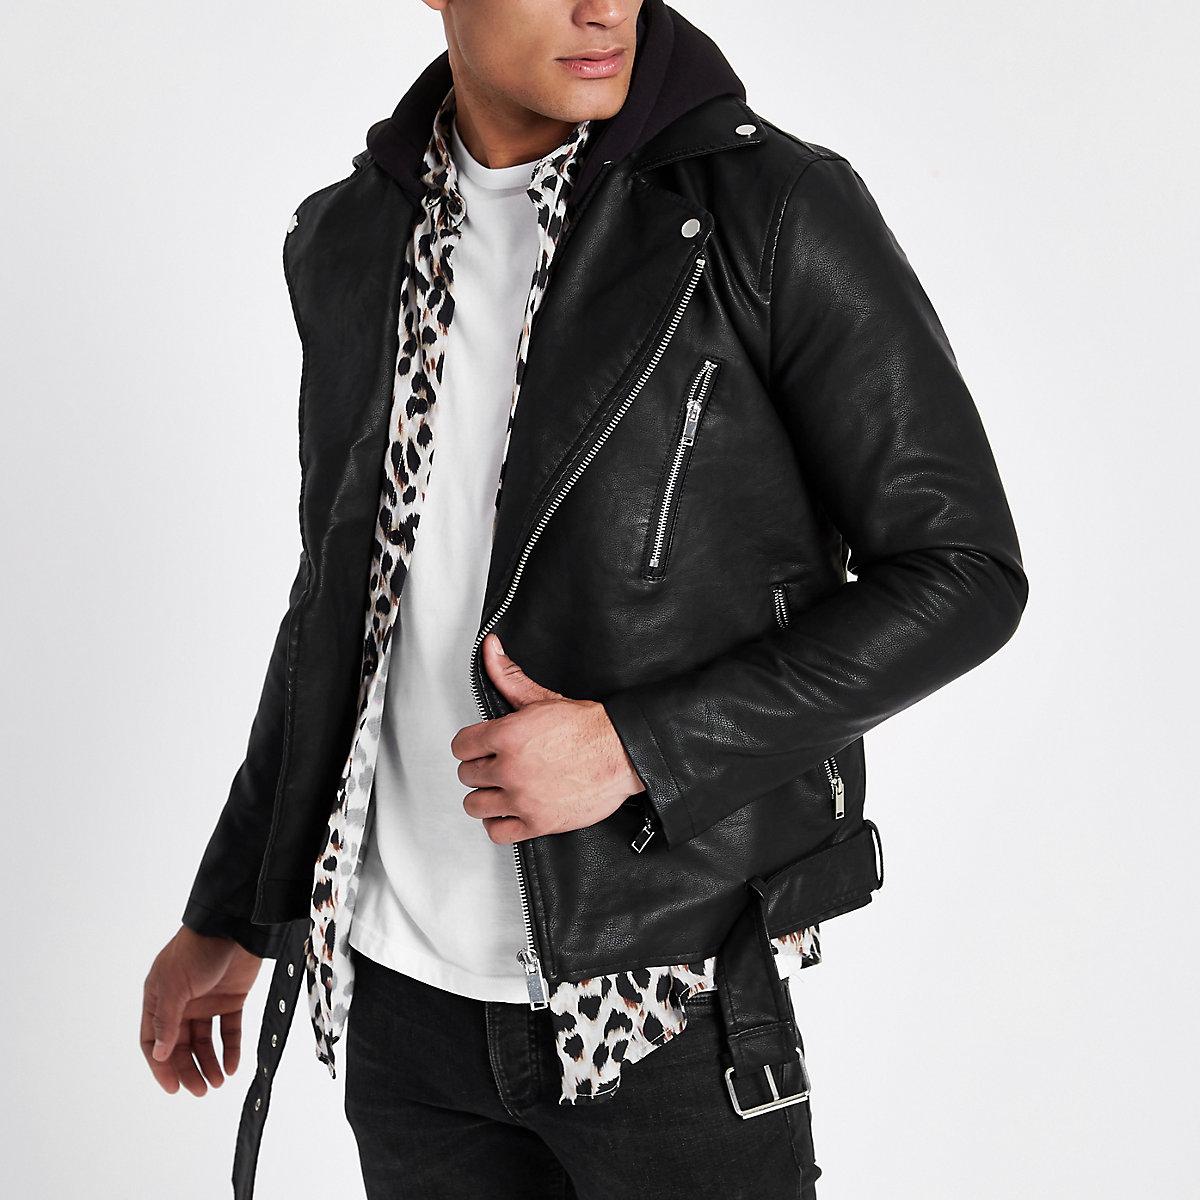 Black Hooded Faux Leather Biker Jacket Jackets Coats Jackets Men